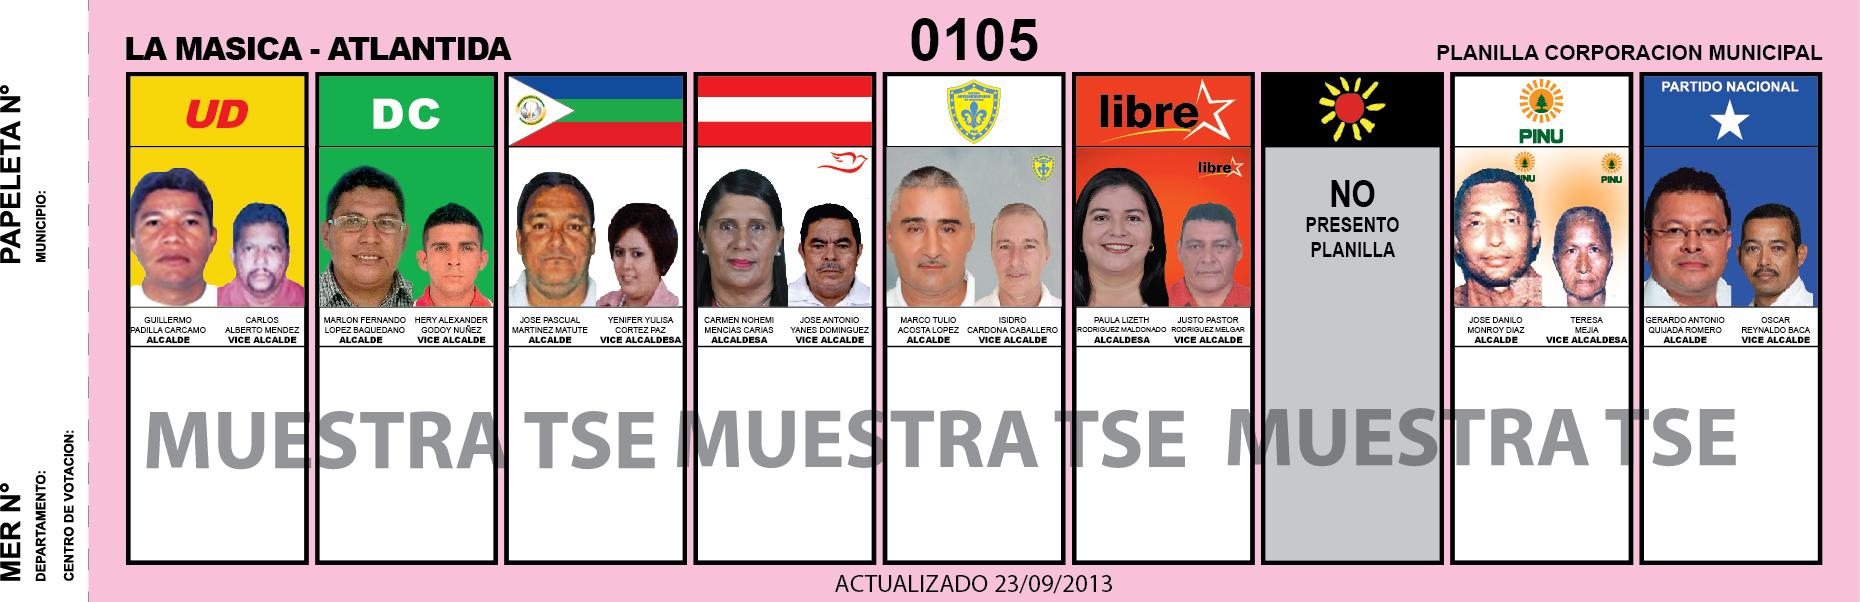 CANDIDATOS 2013 MUNICIPIO LA MASICA - ATLANTIDA - HODURAS